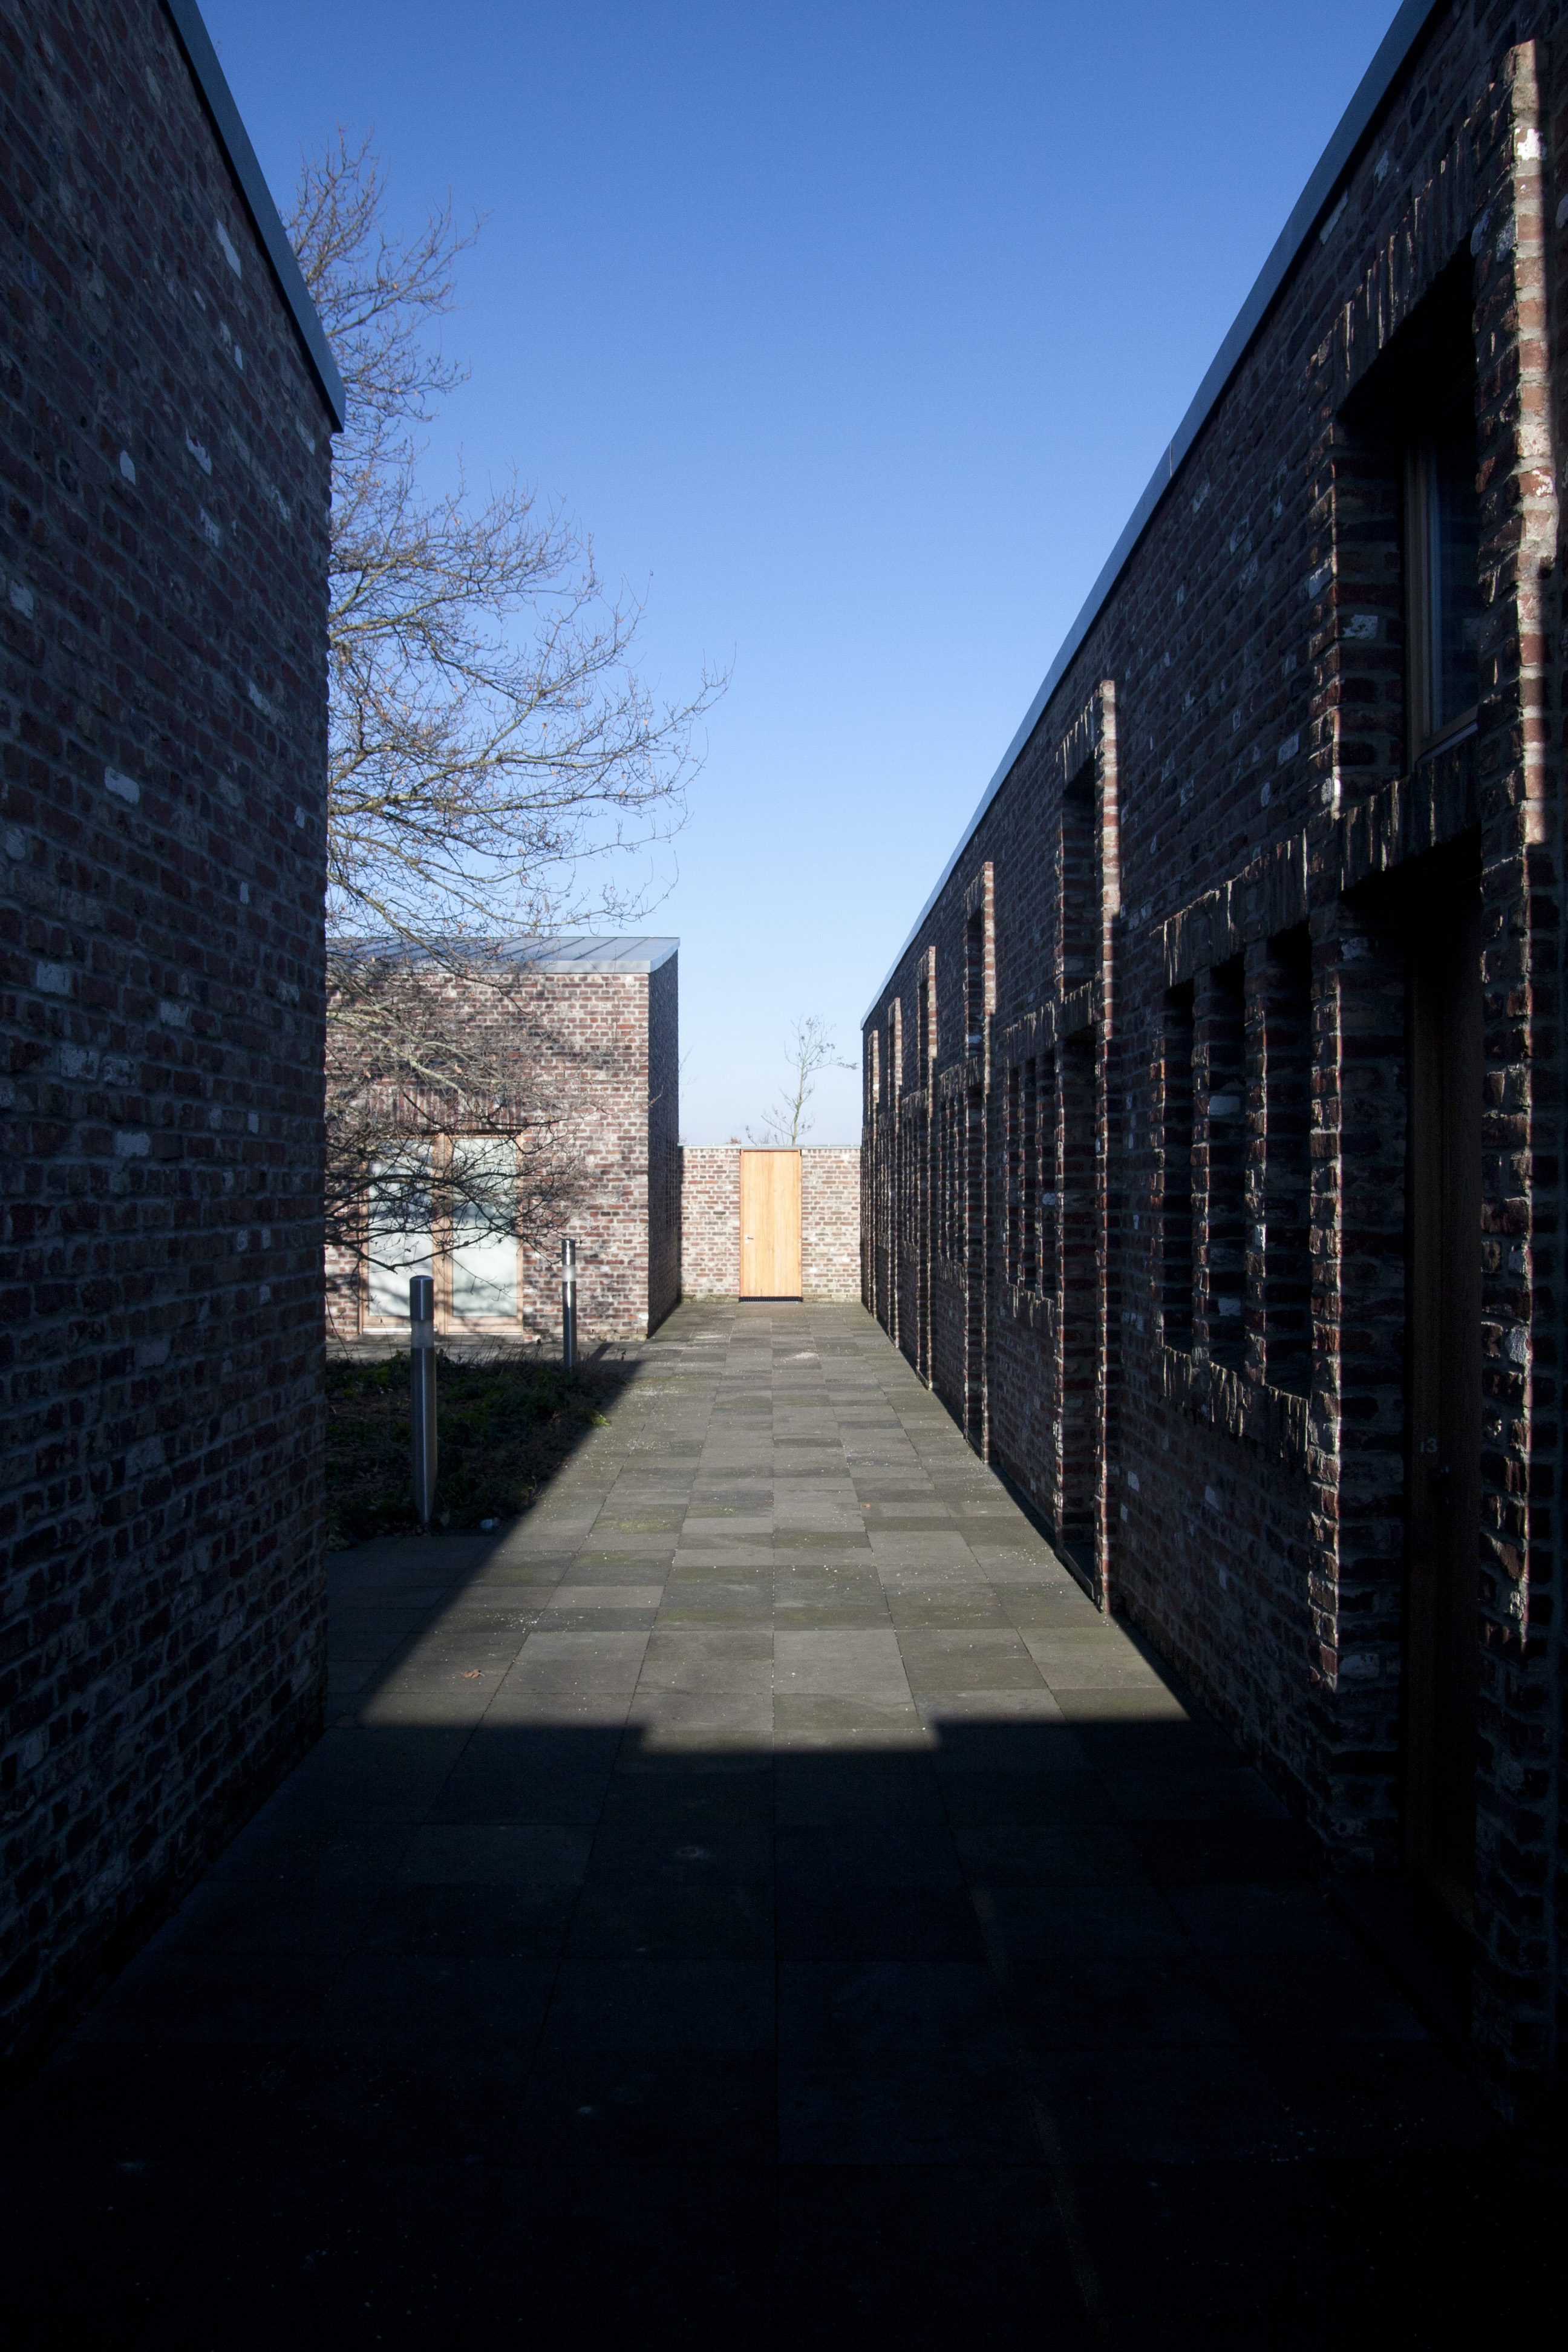 Blick durch den Innenhof des offenen Klosters von Erwin Heerich